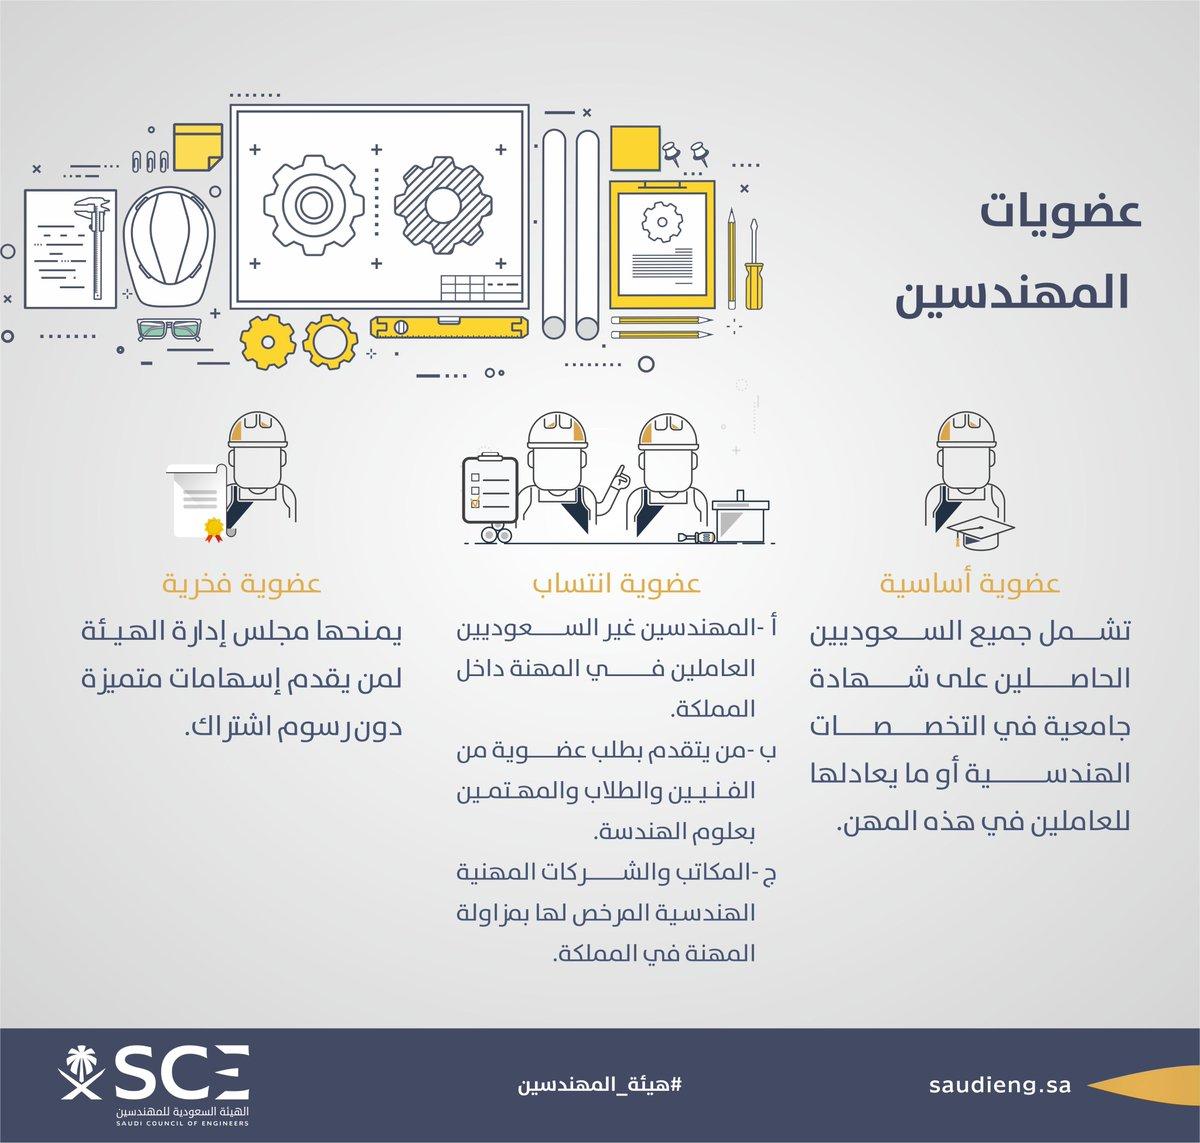 الهيئة السعودية للمهندسين On Twitter الانضمام إلى عضوية